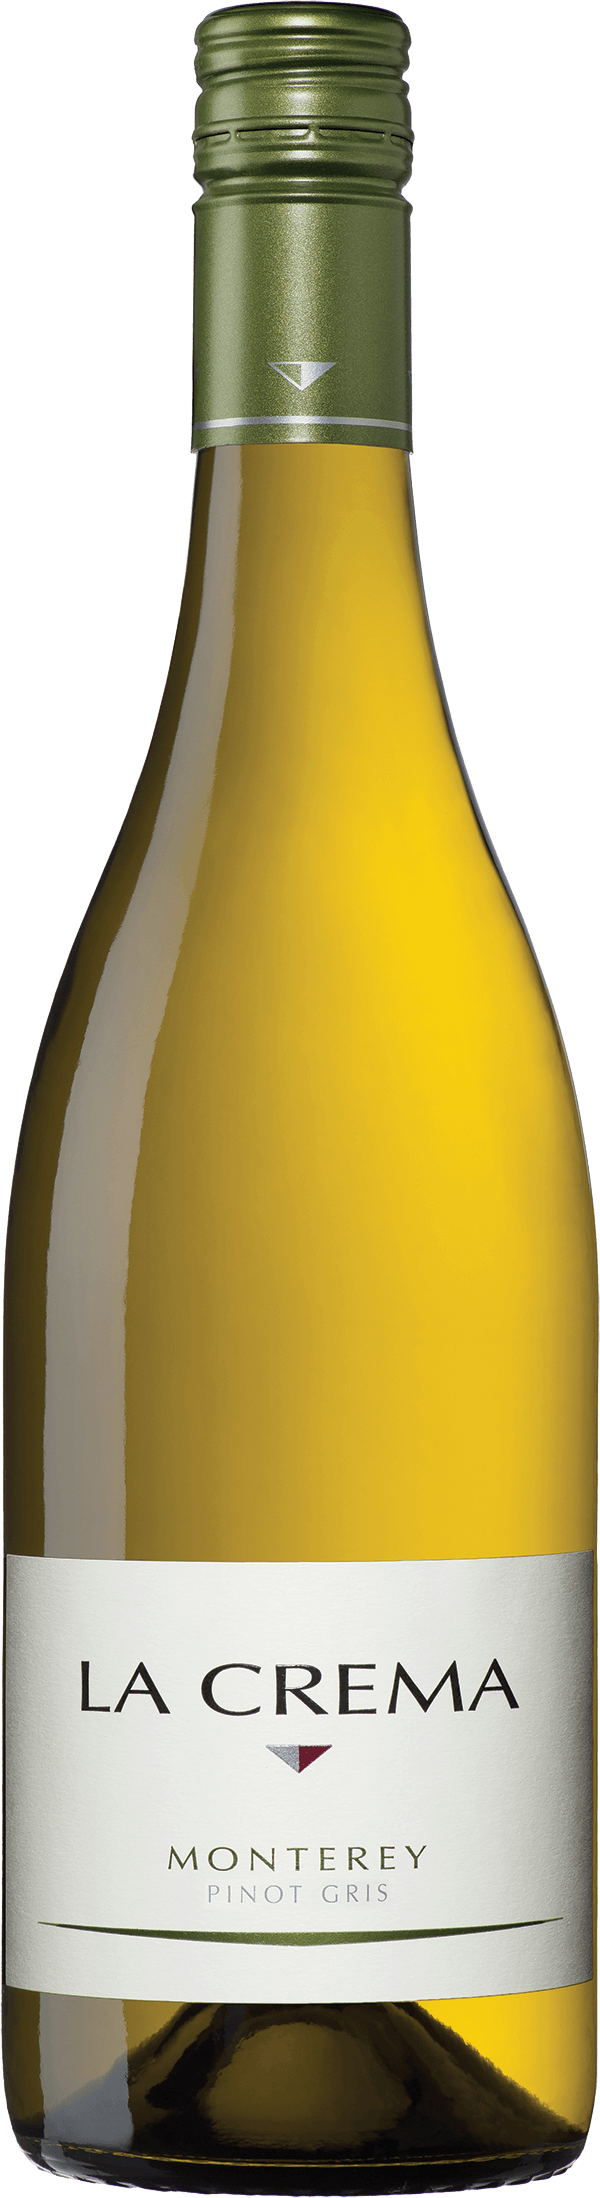 2020 Monterey Pinot Gris